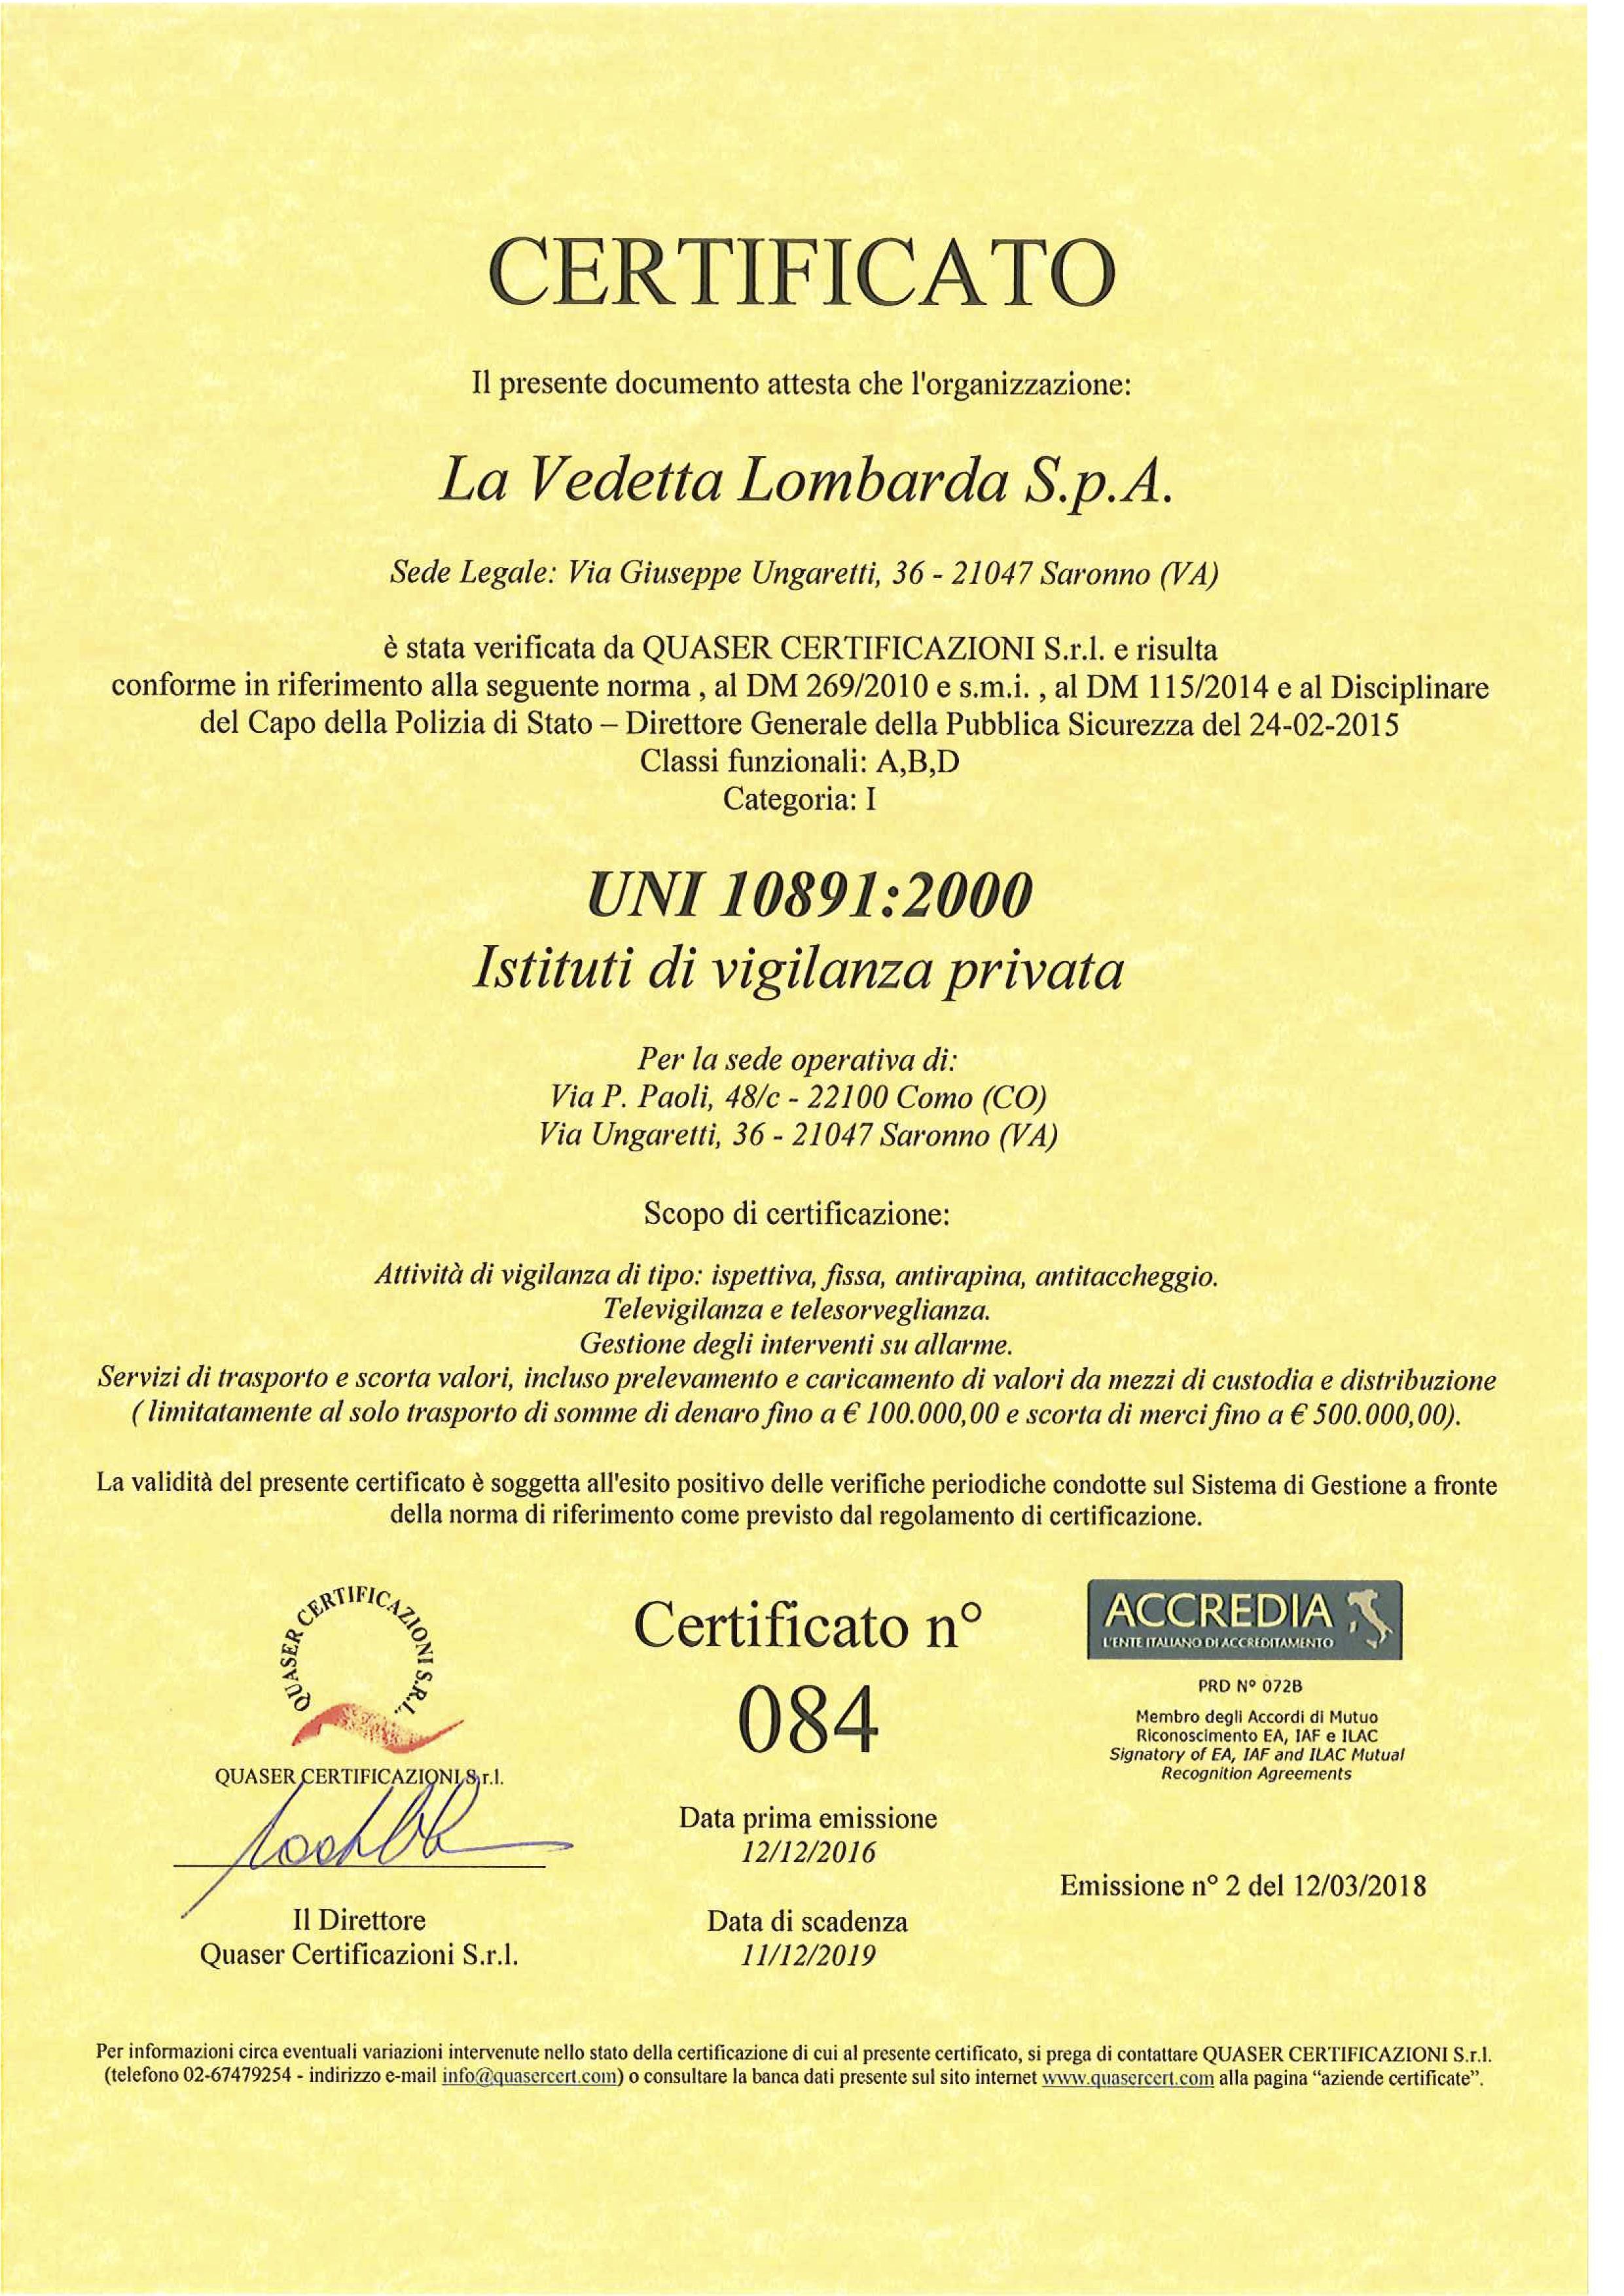 originale certificato 084 em 2_UNI 10891